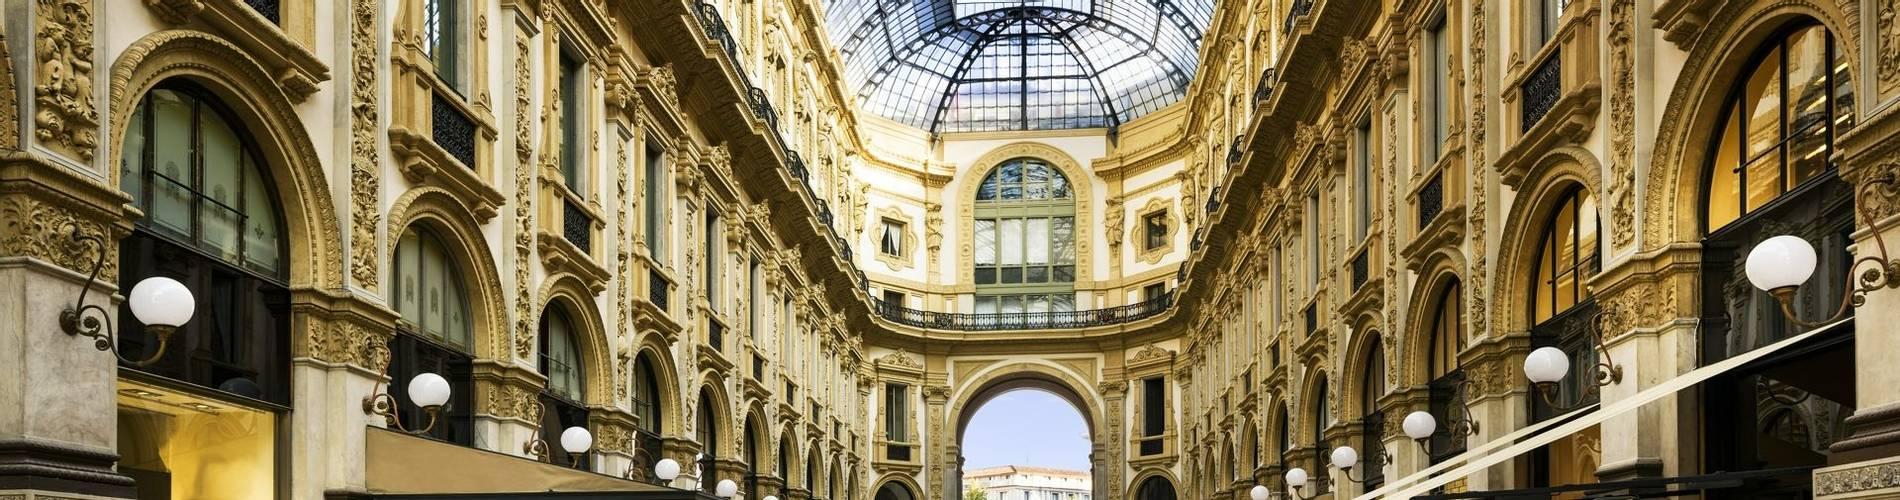 P 55 Galleria.jpg